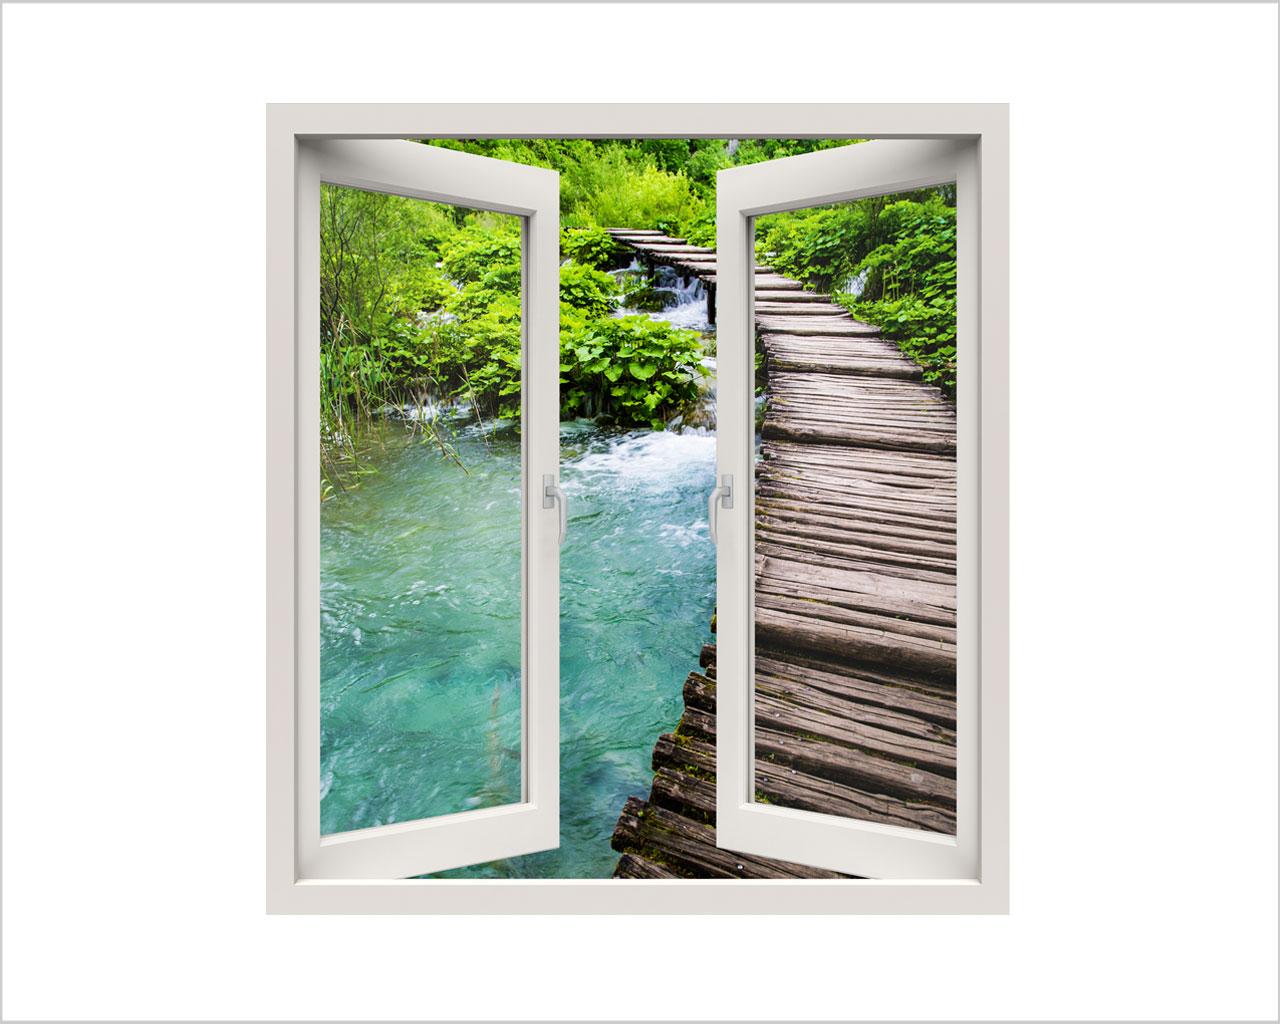 Scorcio sul torrente natura finestra illusione interni decori adesivi murali wall - Adesivi natalizi per finestre ...